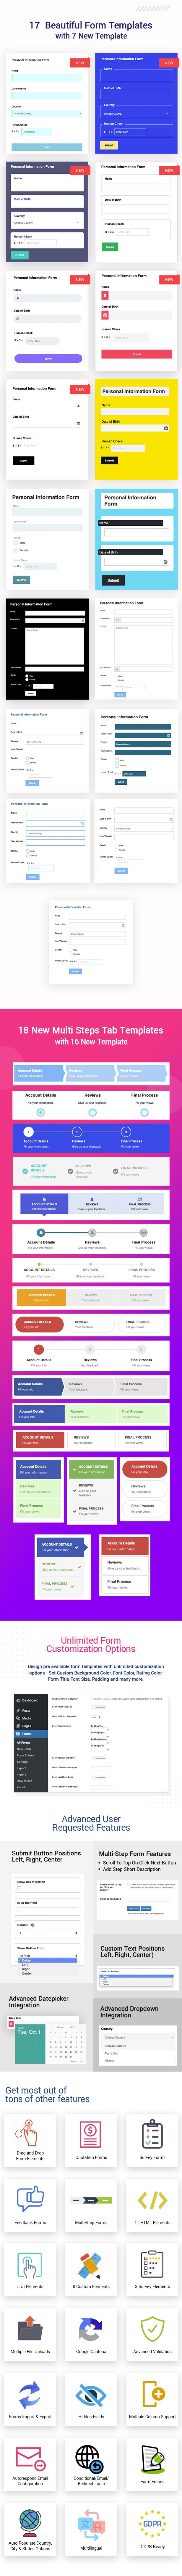 Ultimate Form Builder - #1 Form Builder For WordPress - 3